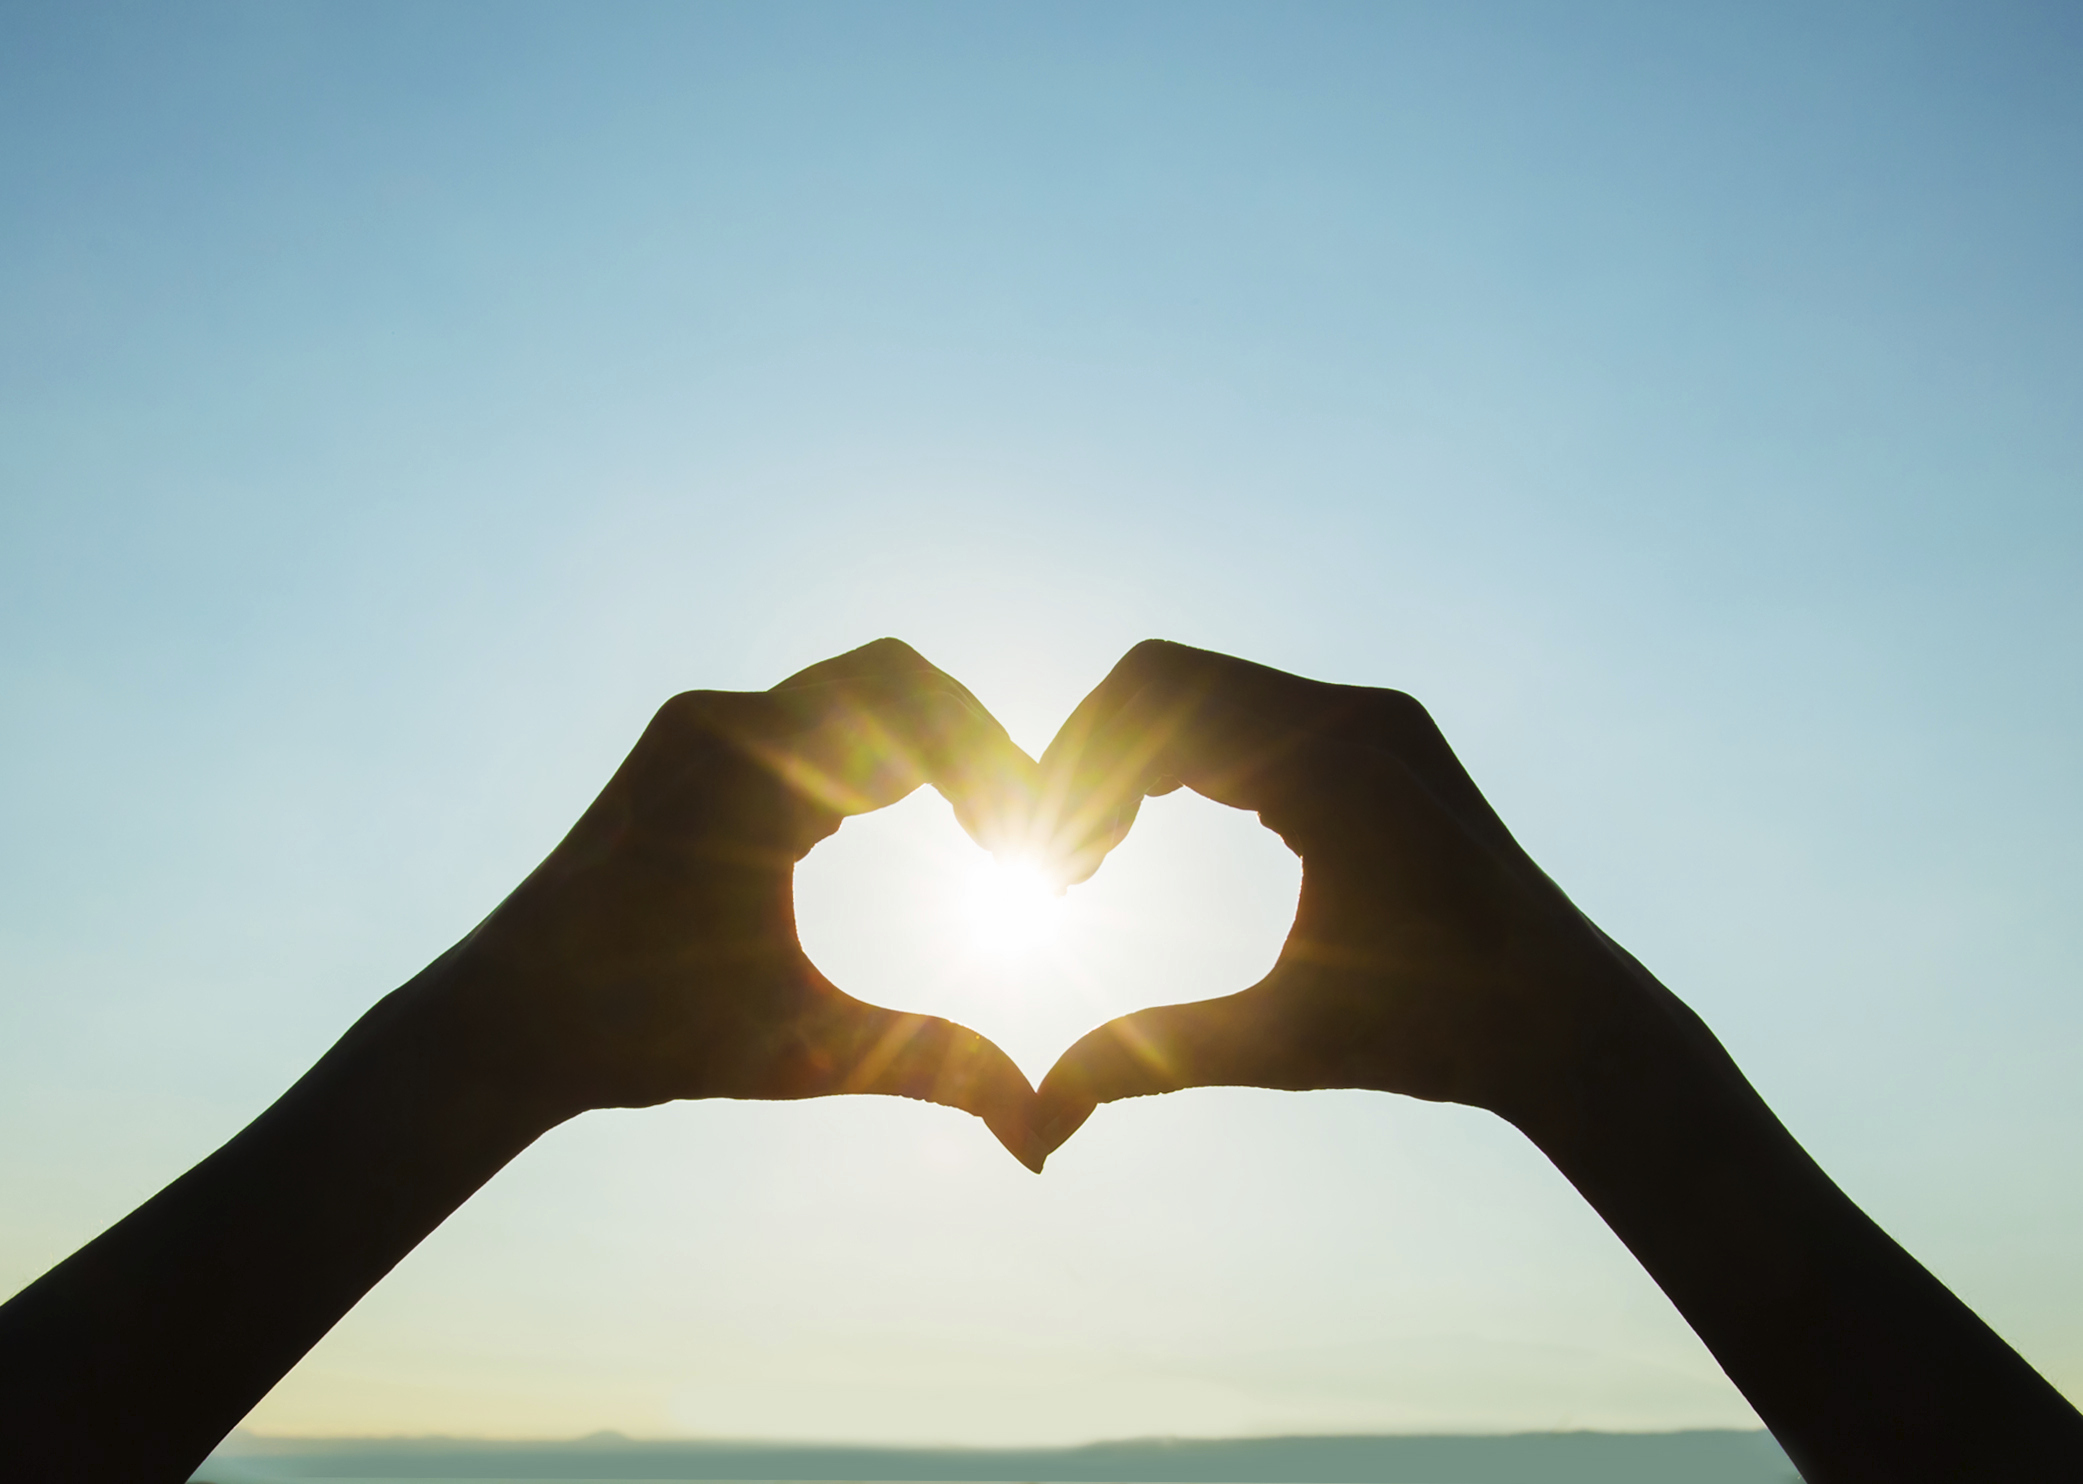 солнце сердечком картинки